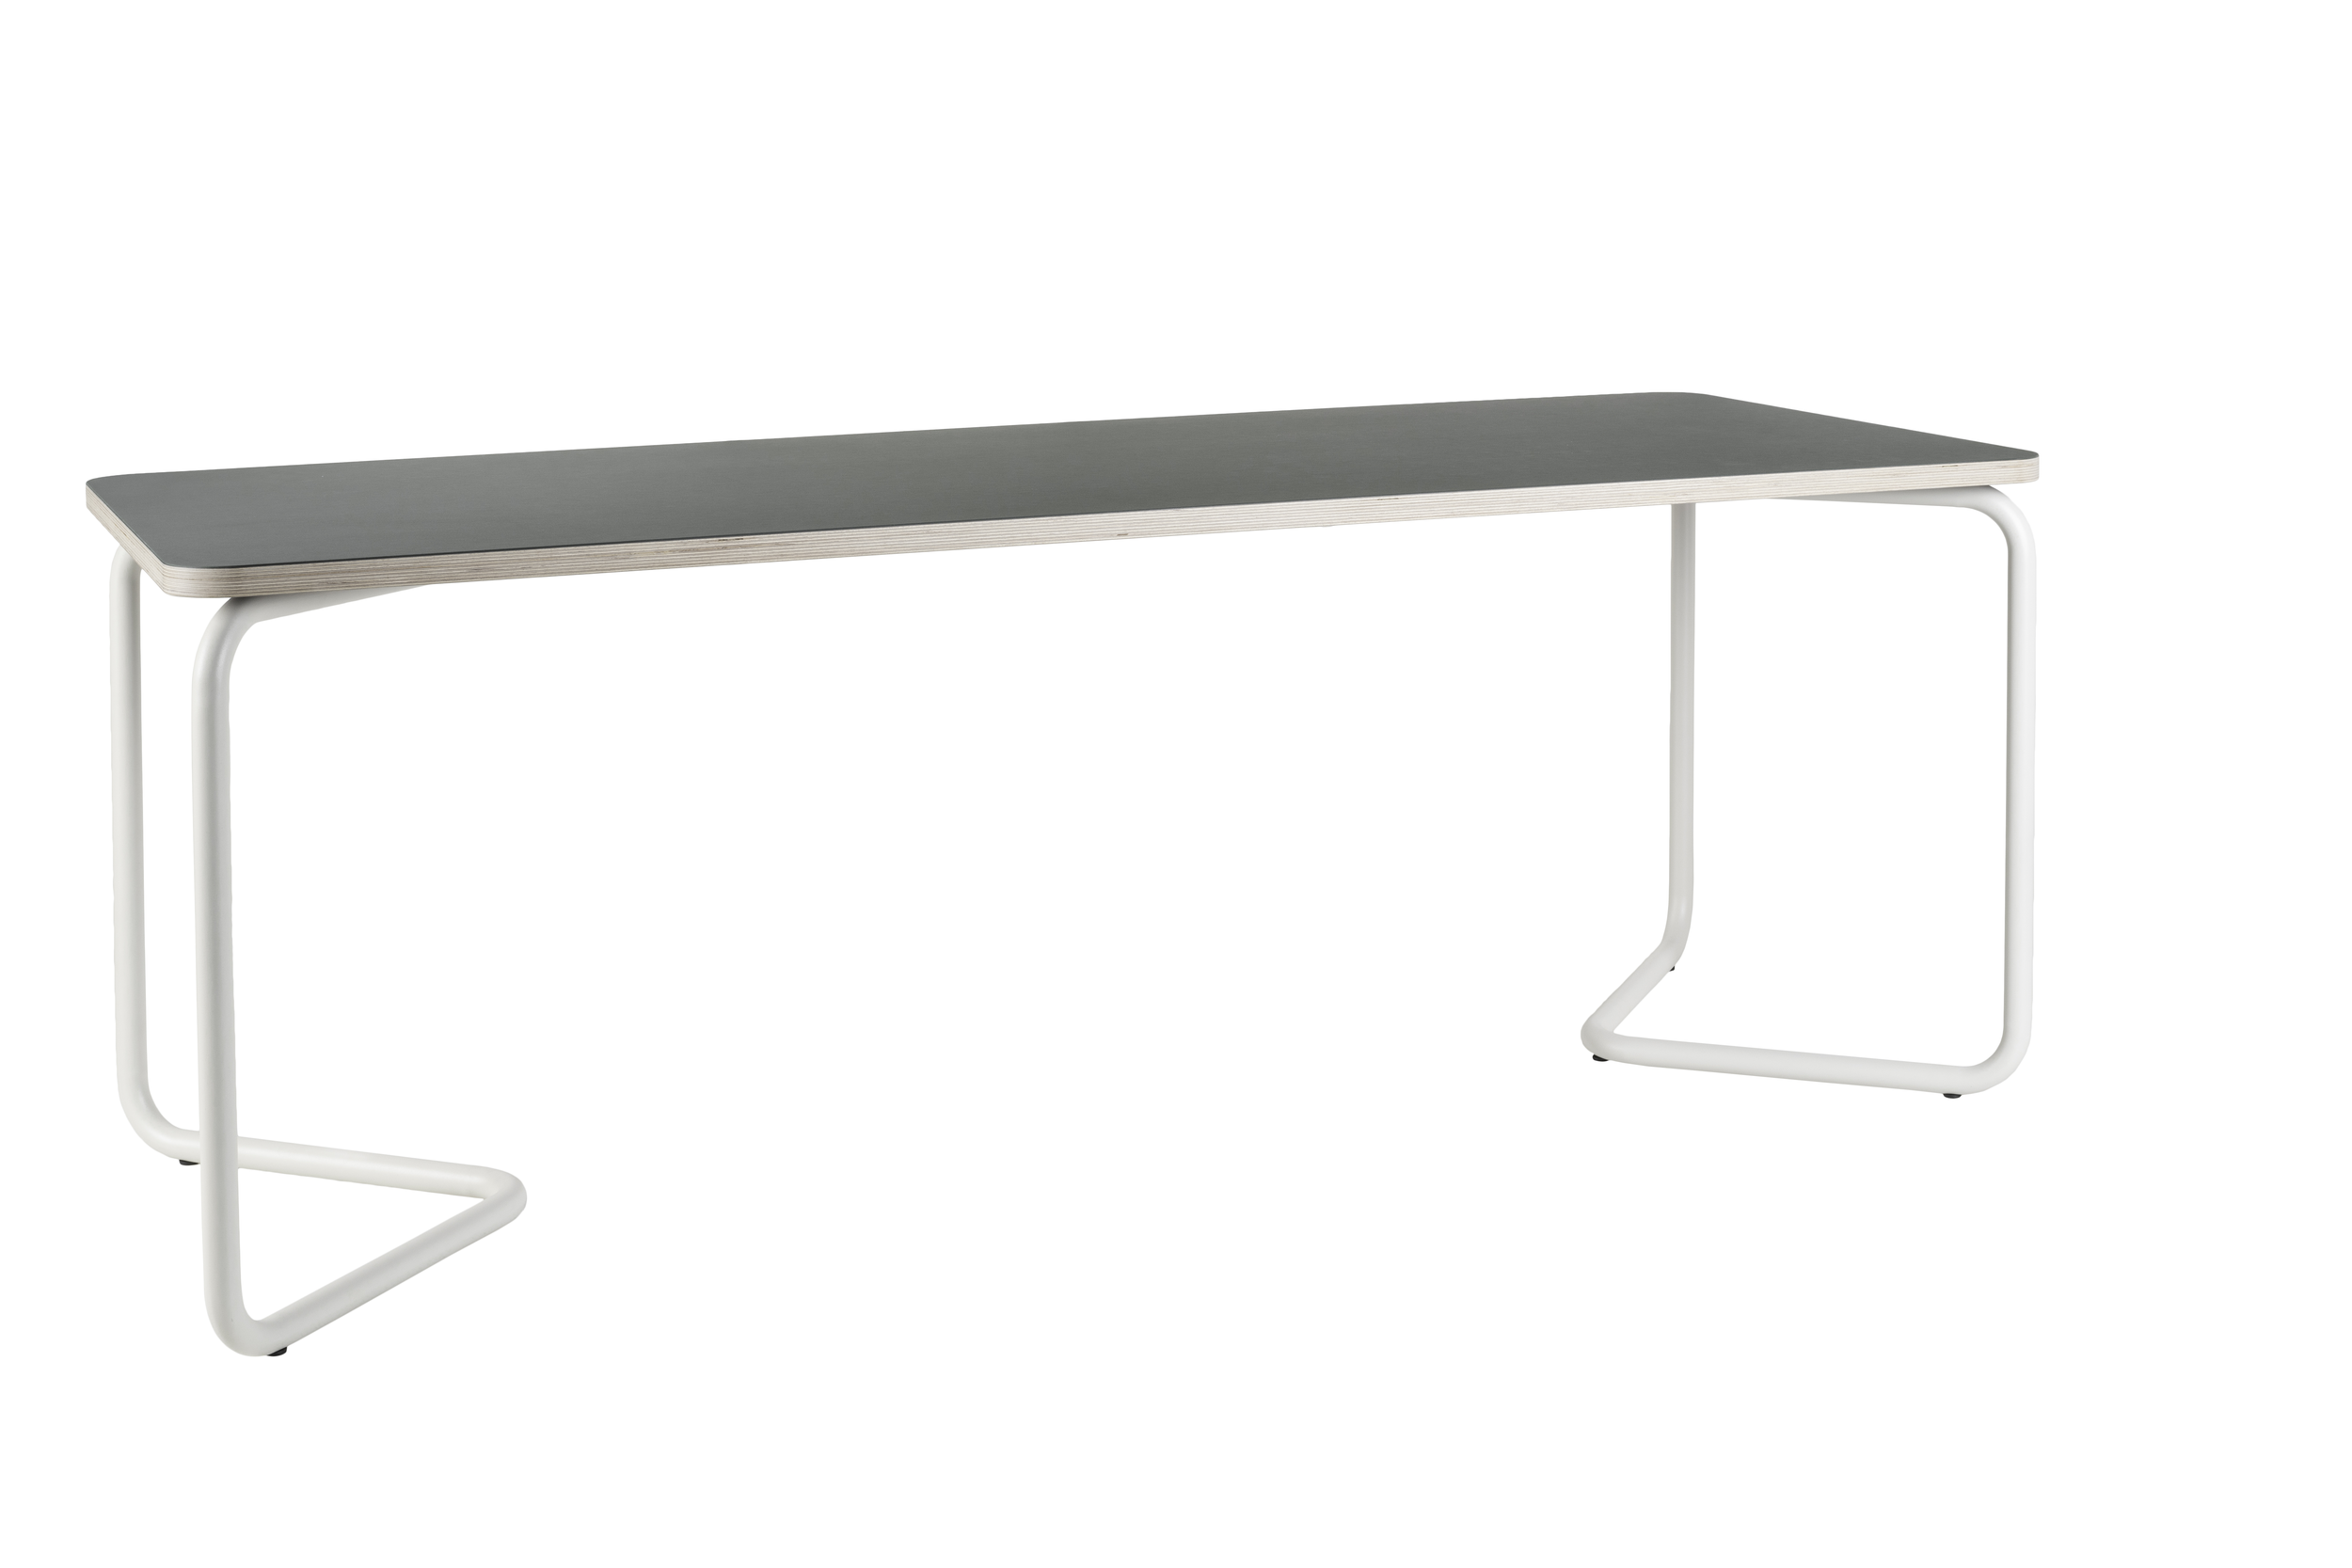 Tafels huren dinertafels vierkant rond jaspers verhuur